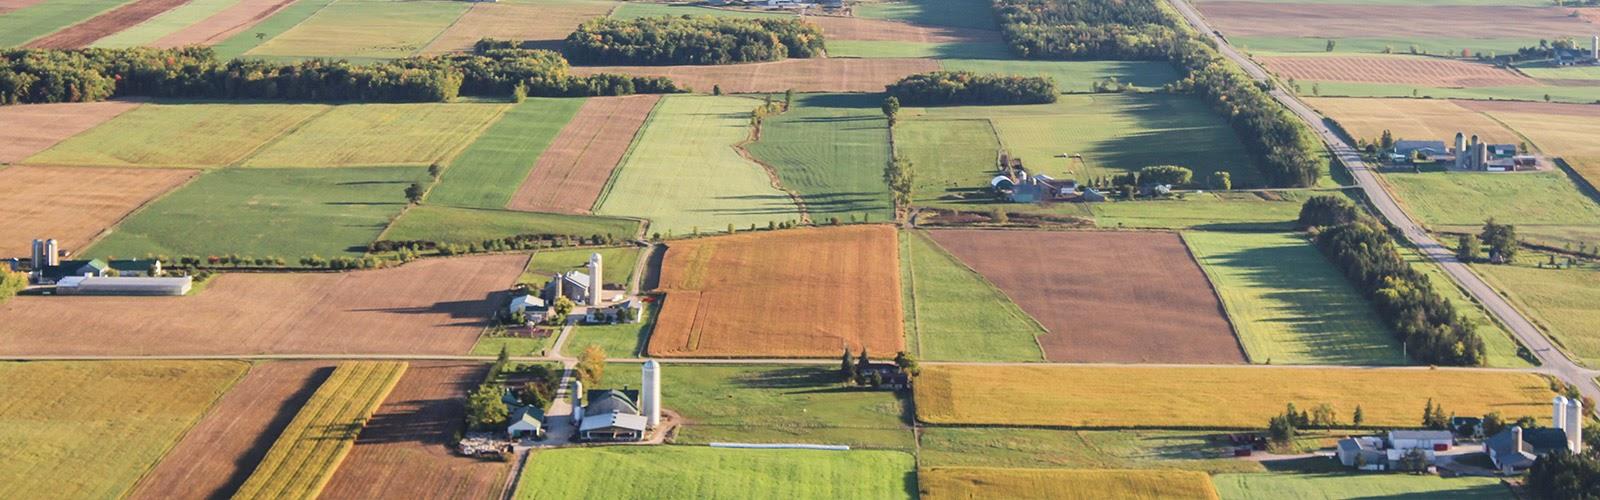 Recinzioni aree agricole